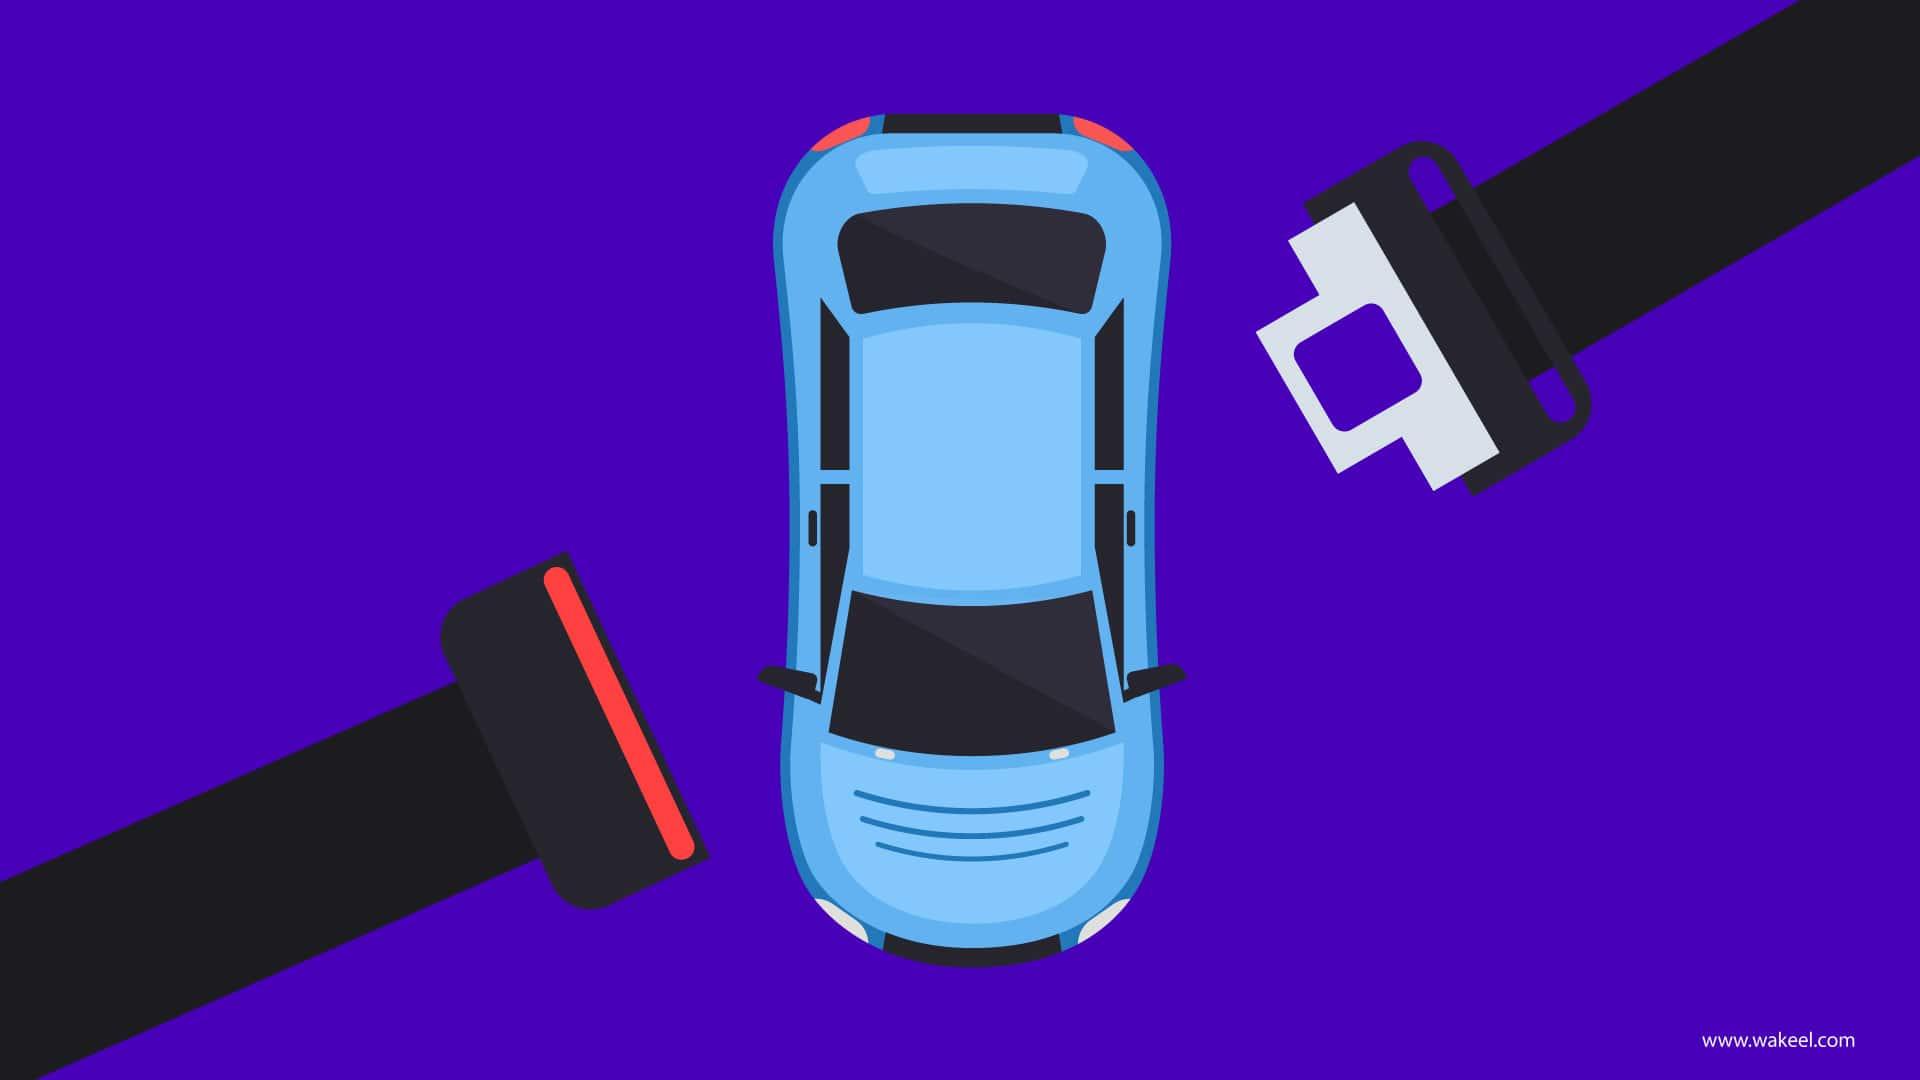 فوائد تدفعك إلى تأمين السيارات